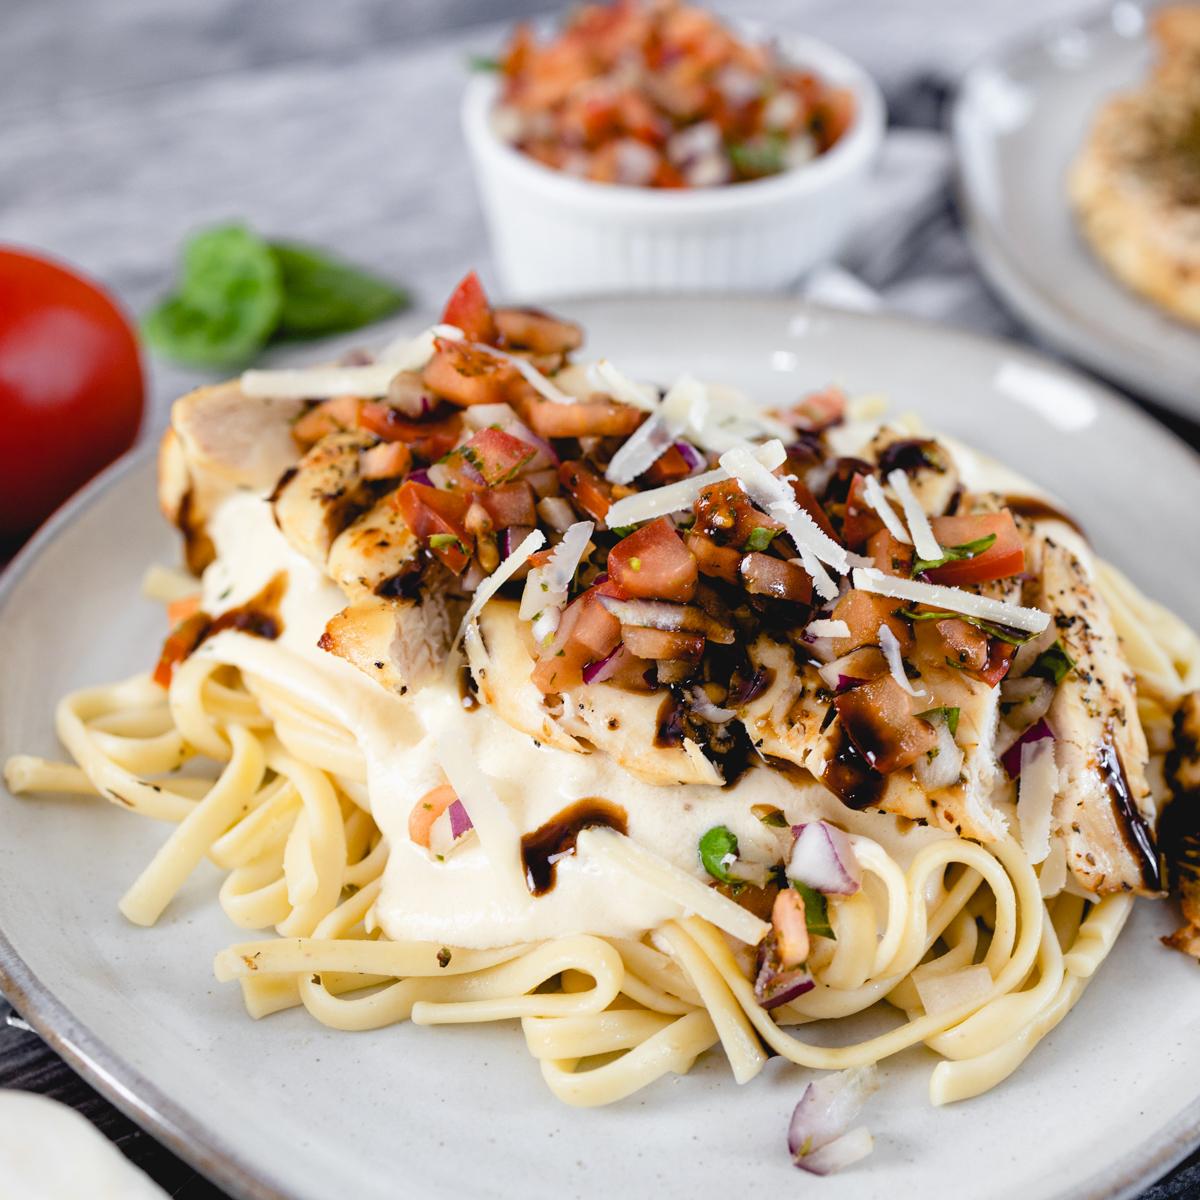 Bruschetta Chicken with Deglaze Balsamic Vinegar